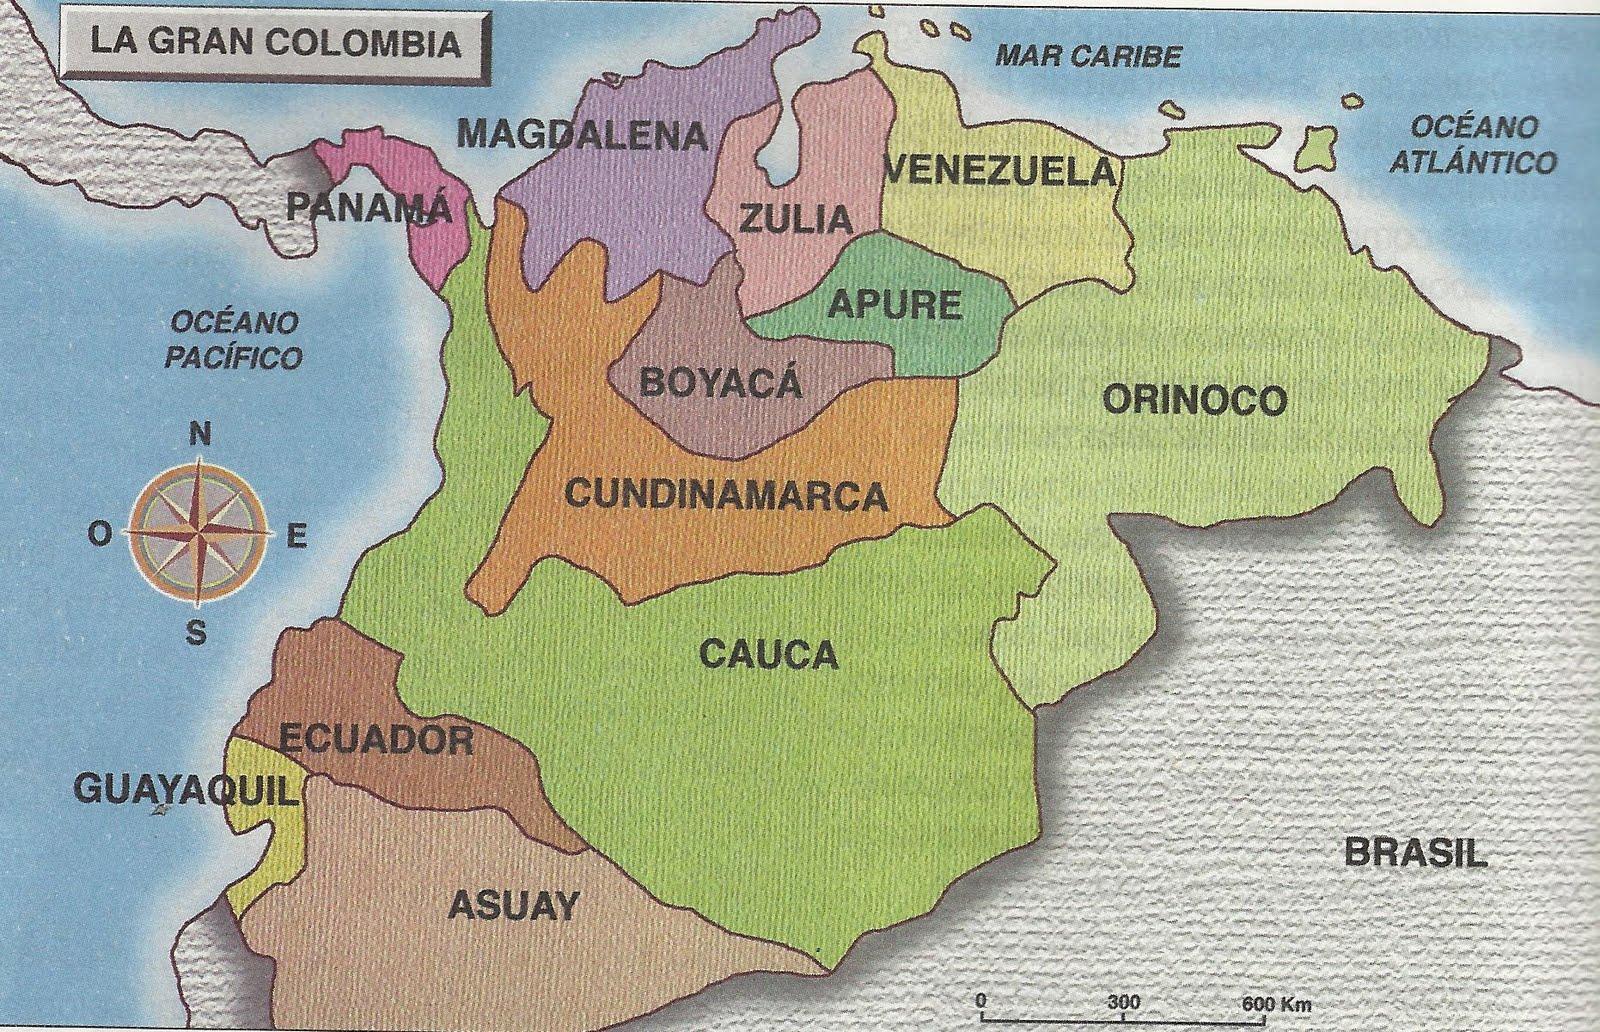 Mapa Politico Estados Unidos De Colombia.Mapa Estados Unidos De Colombia